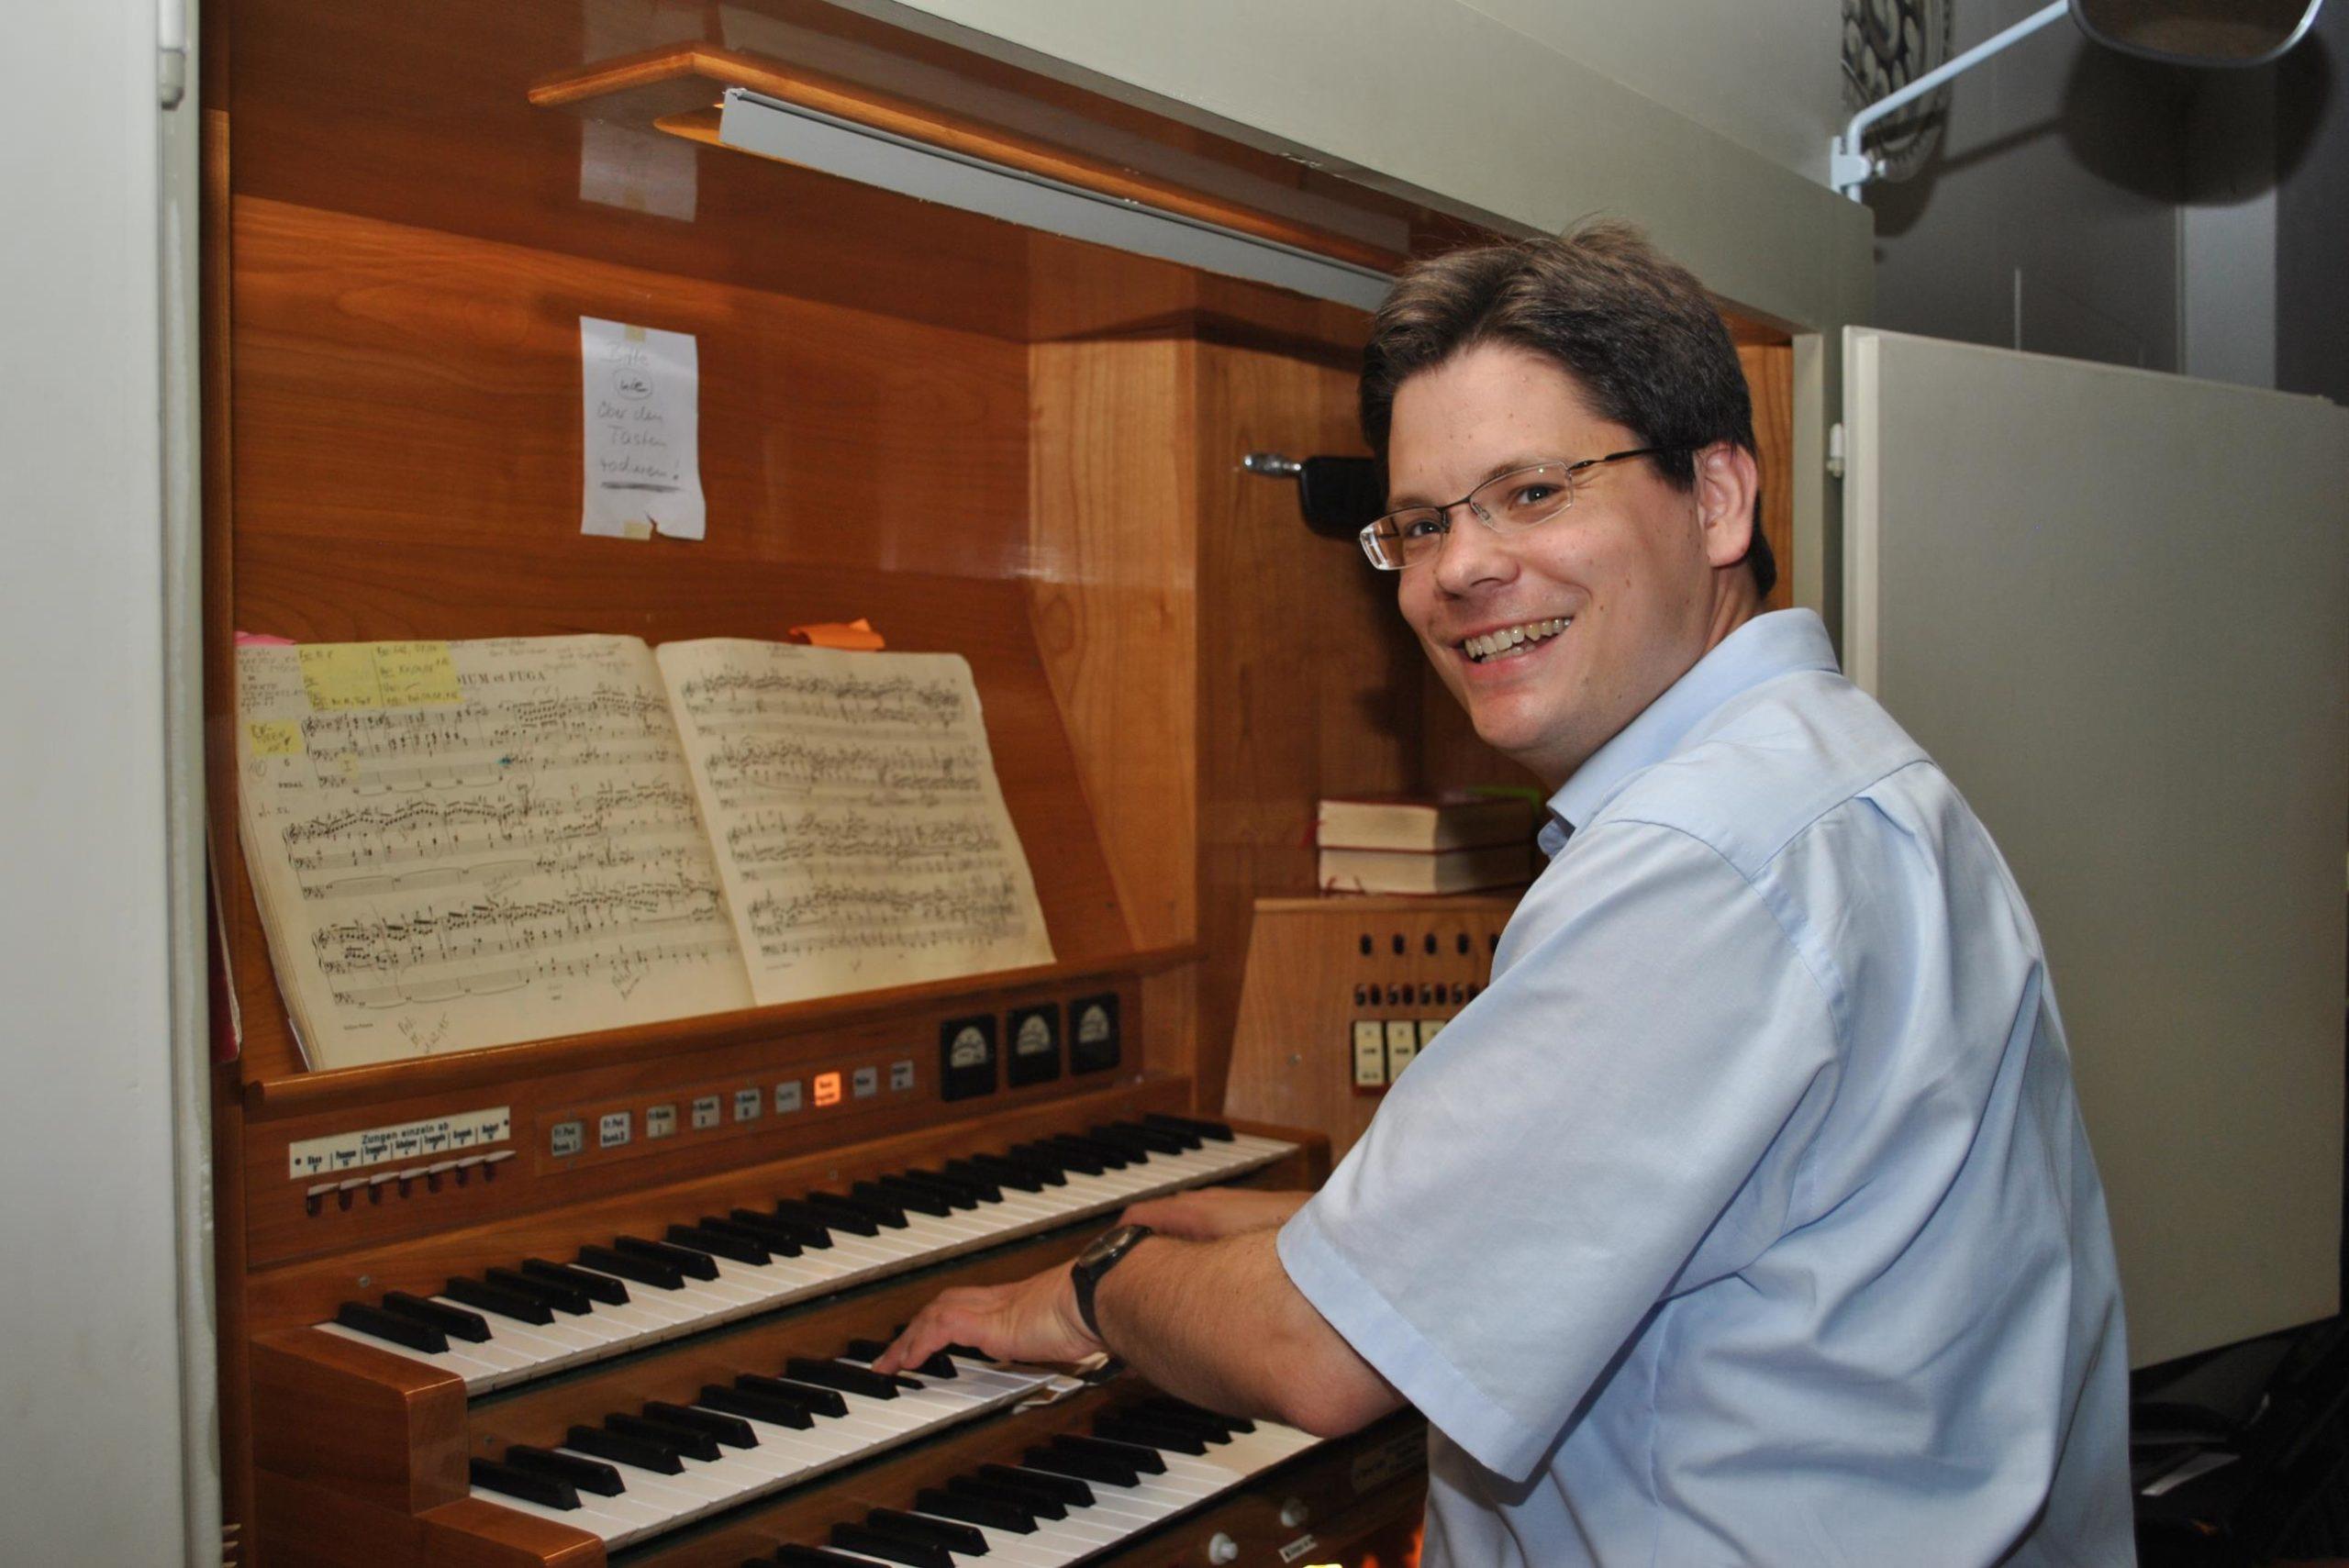 Kristian Schneider Orgel Page 1 scaled